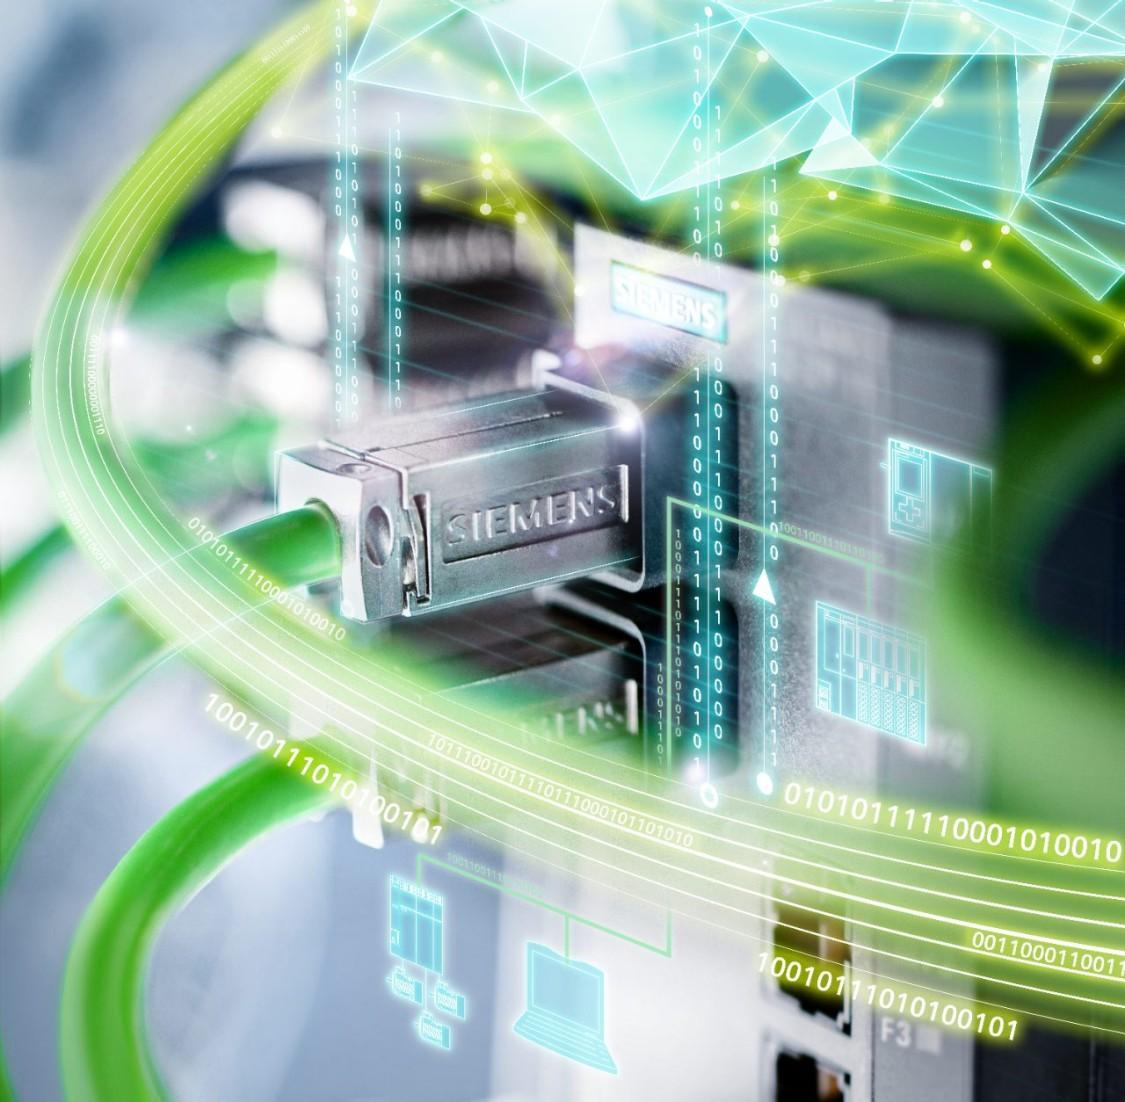 Primer plano de los cables verdes de PROFINET. Algunos de ellos están conectados al hardware. El escenario se dramatiza con una capa verde borrosa que visualiza la omnipresente digitalización.